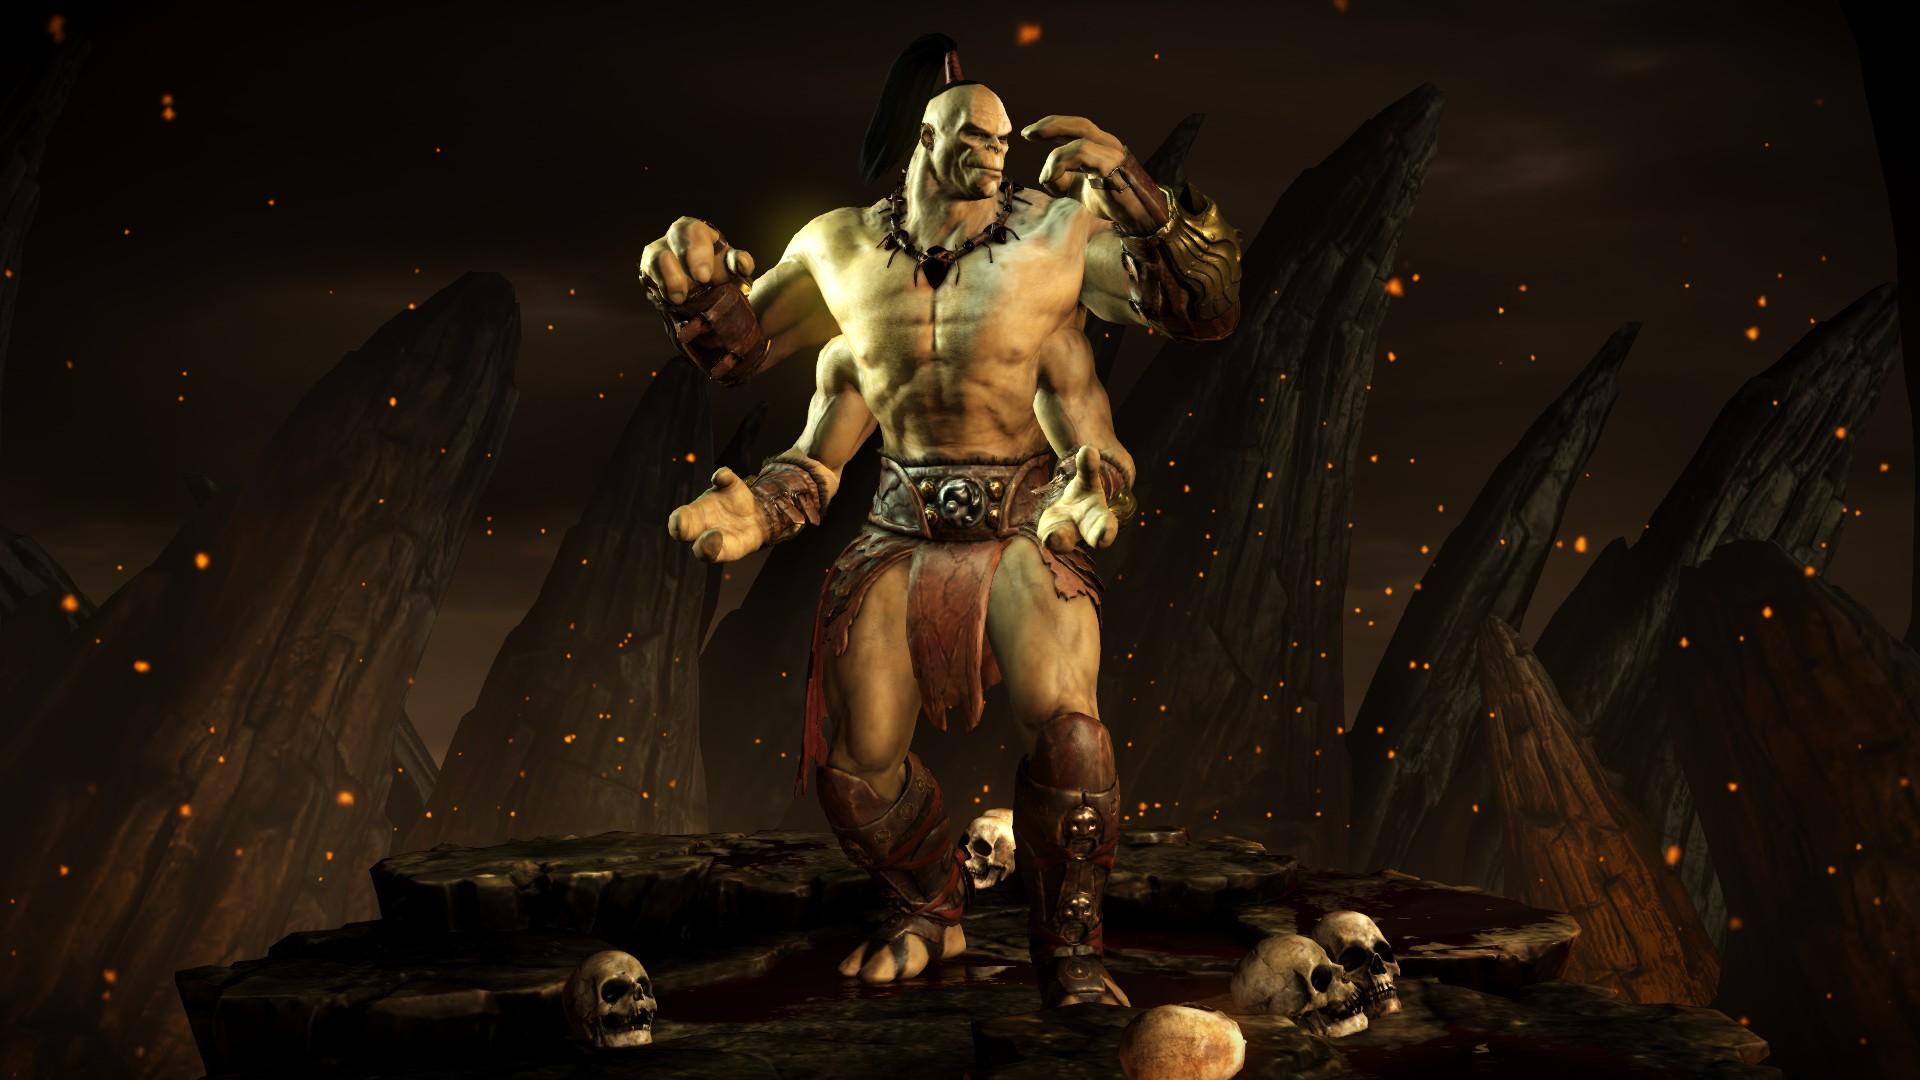 Горо (Стиль: Клыки дракона) - Mortal Kombat X Горо